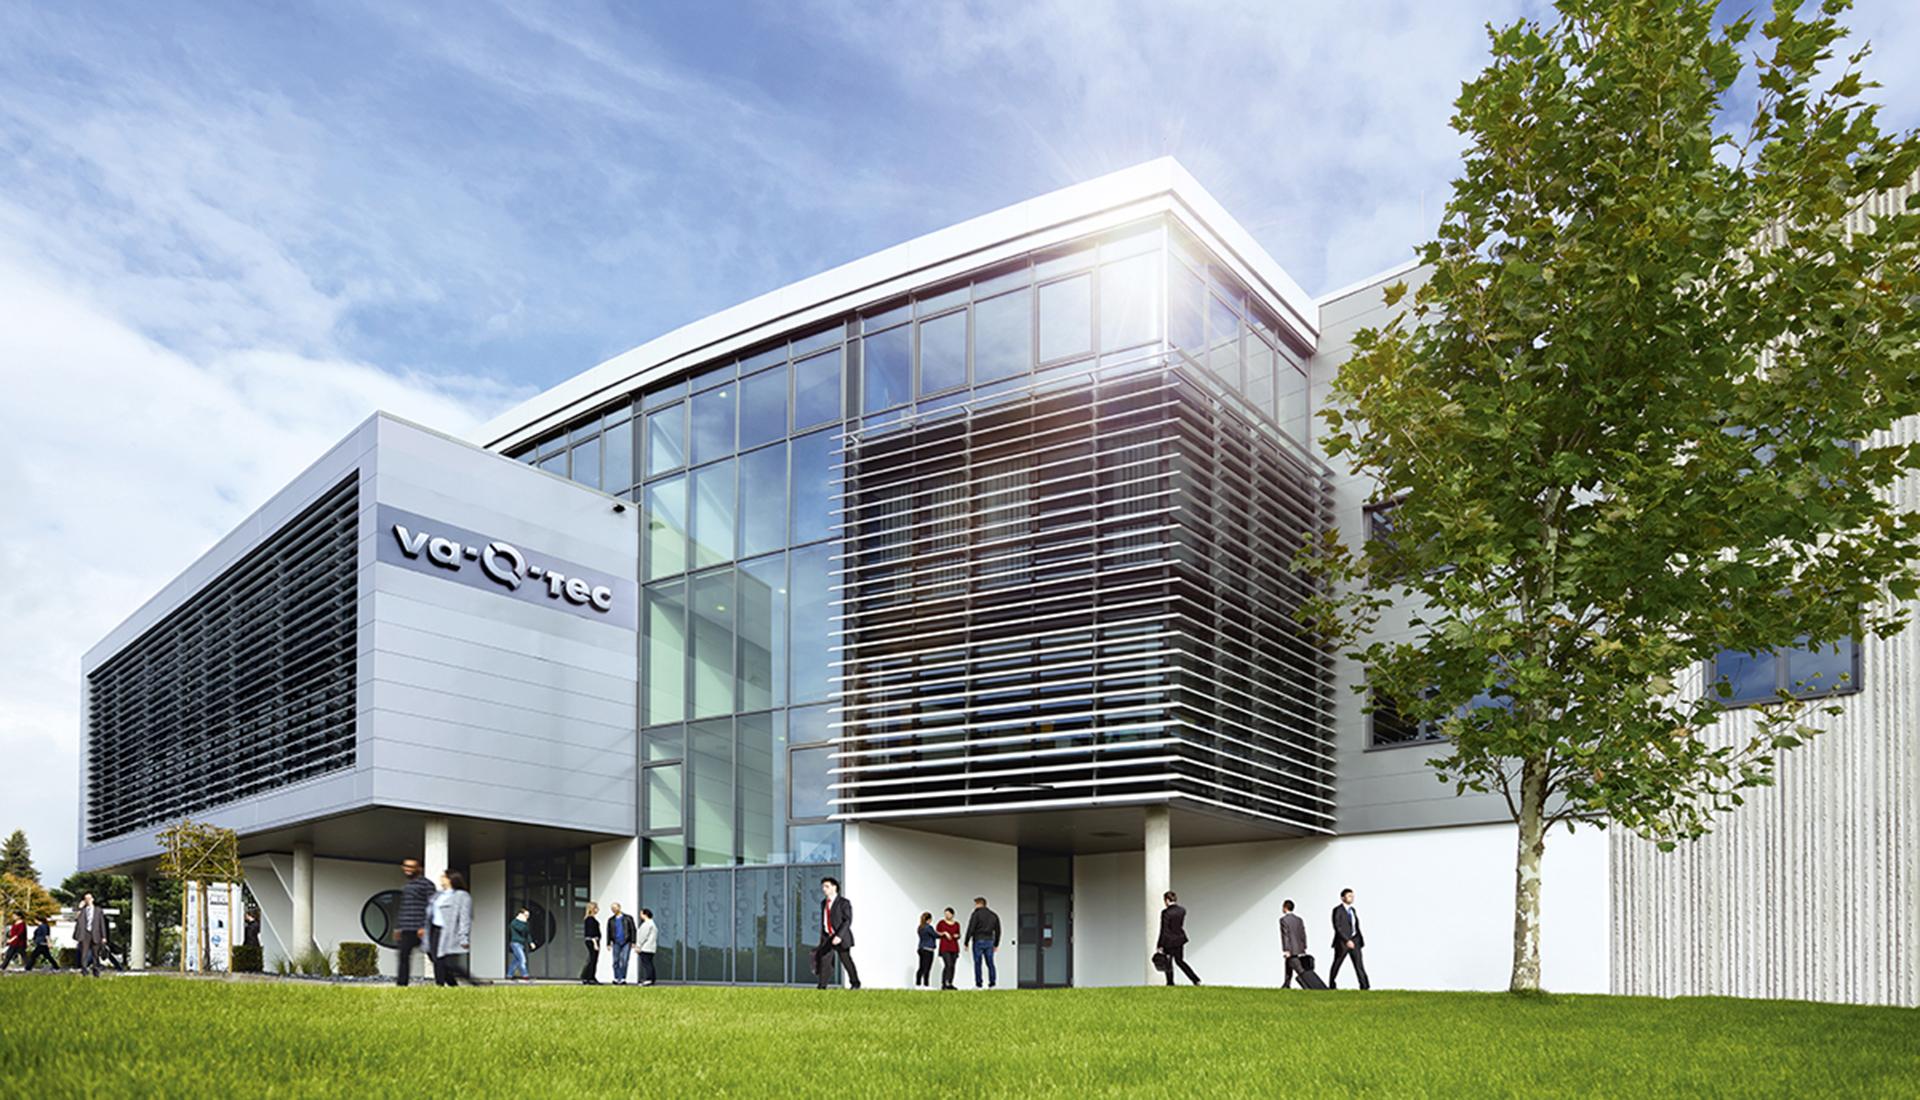 va-Q-tec headquarters in Würzburg, Germany